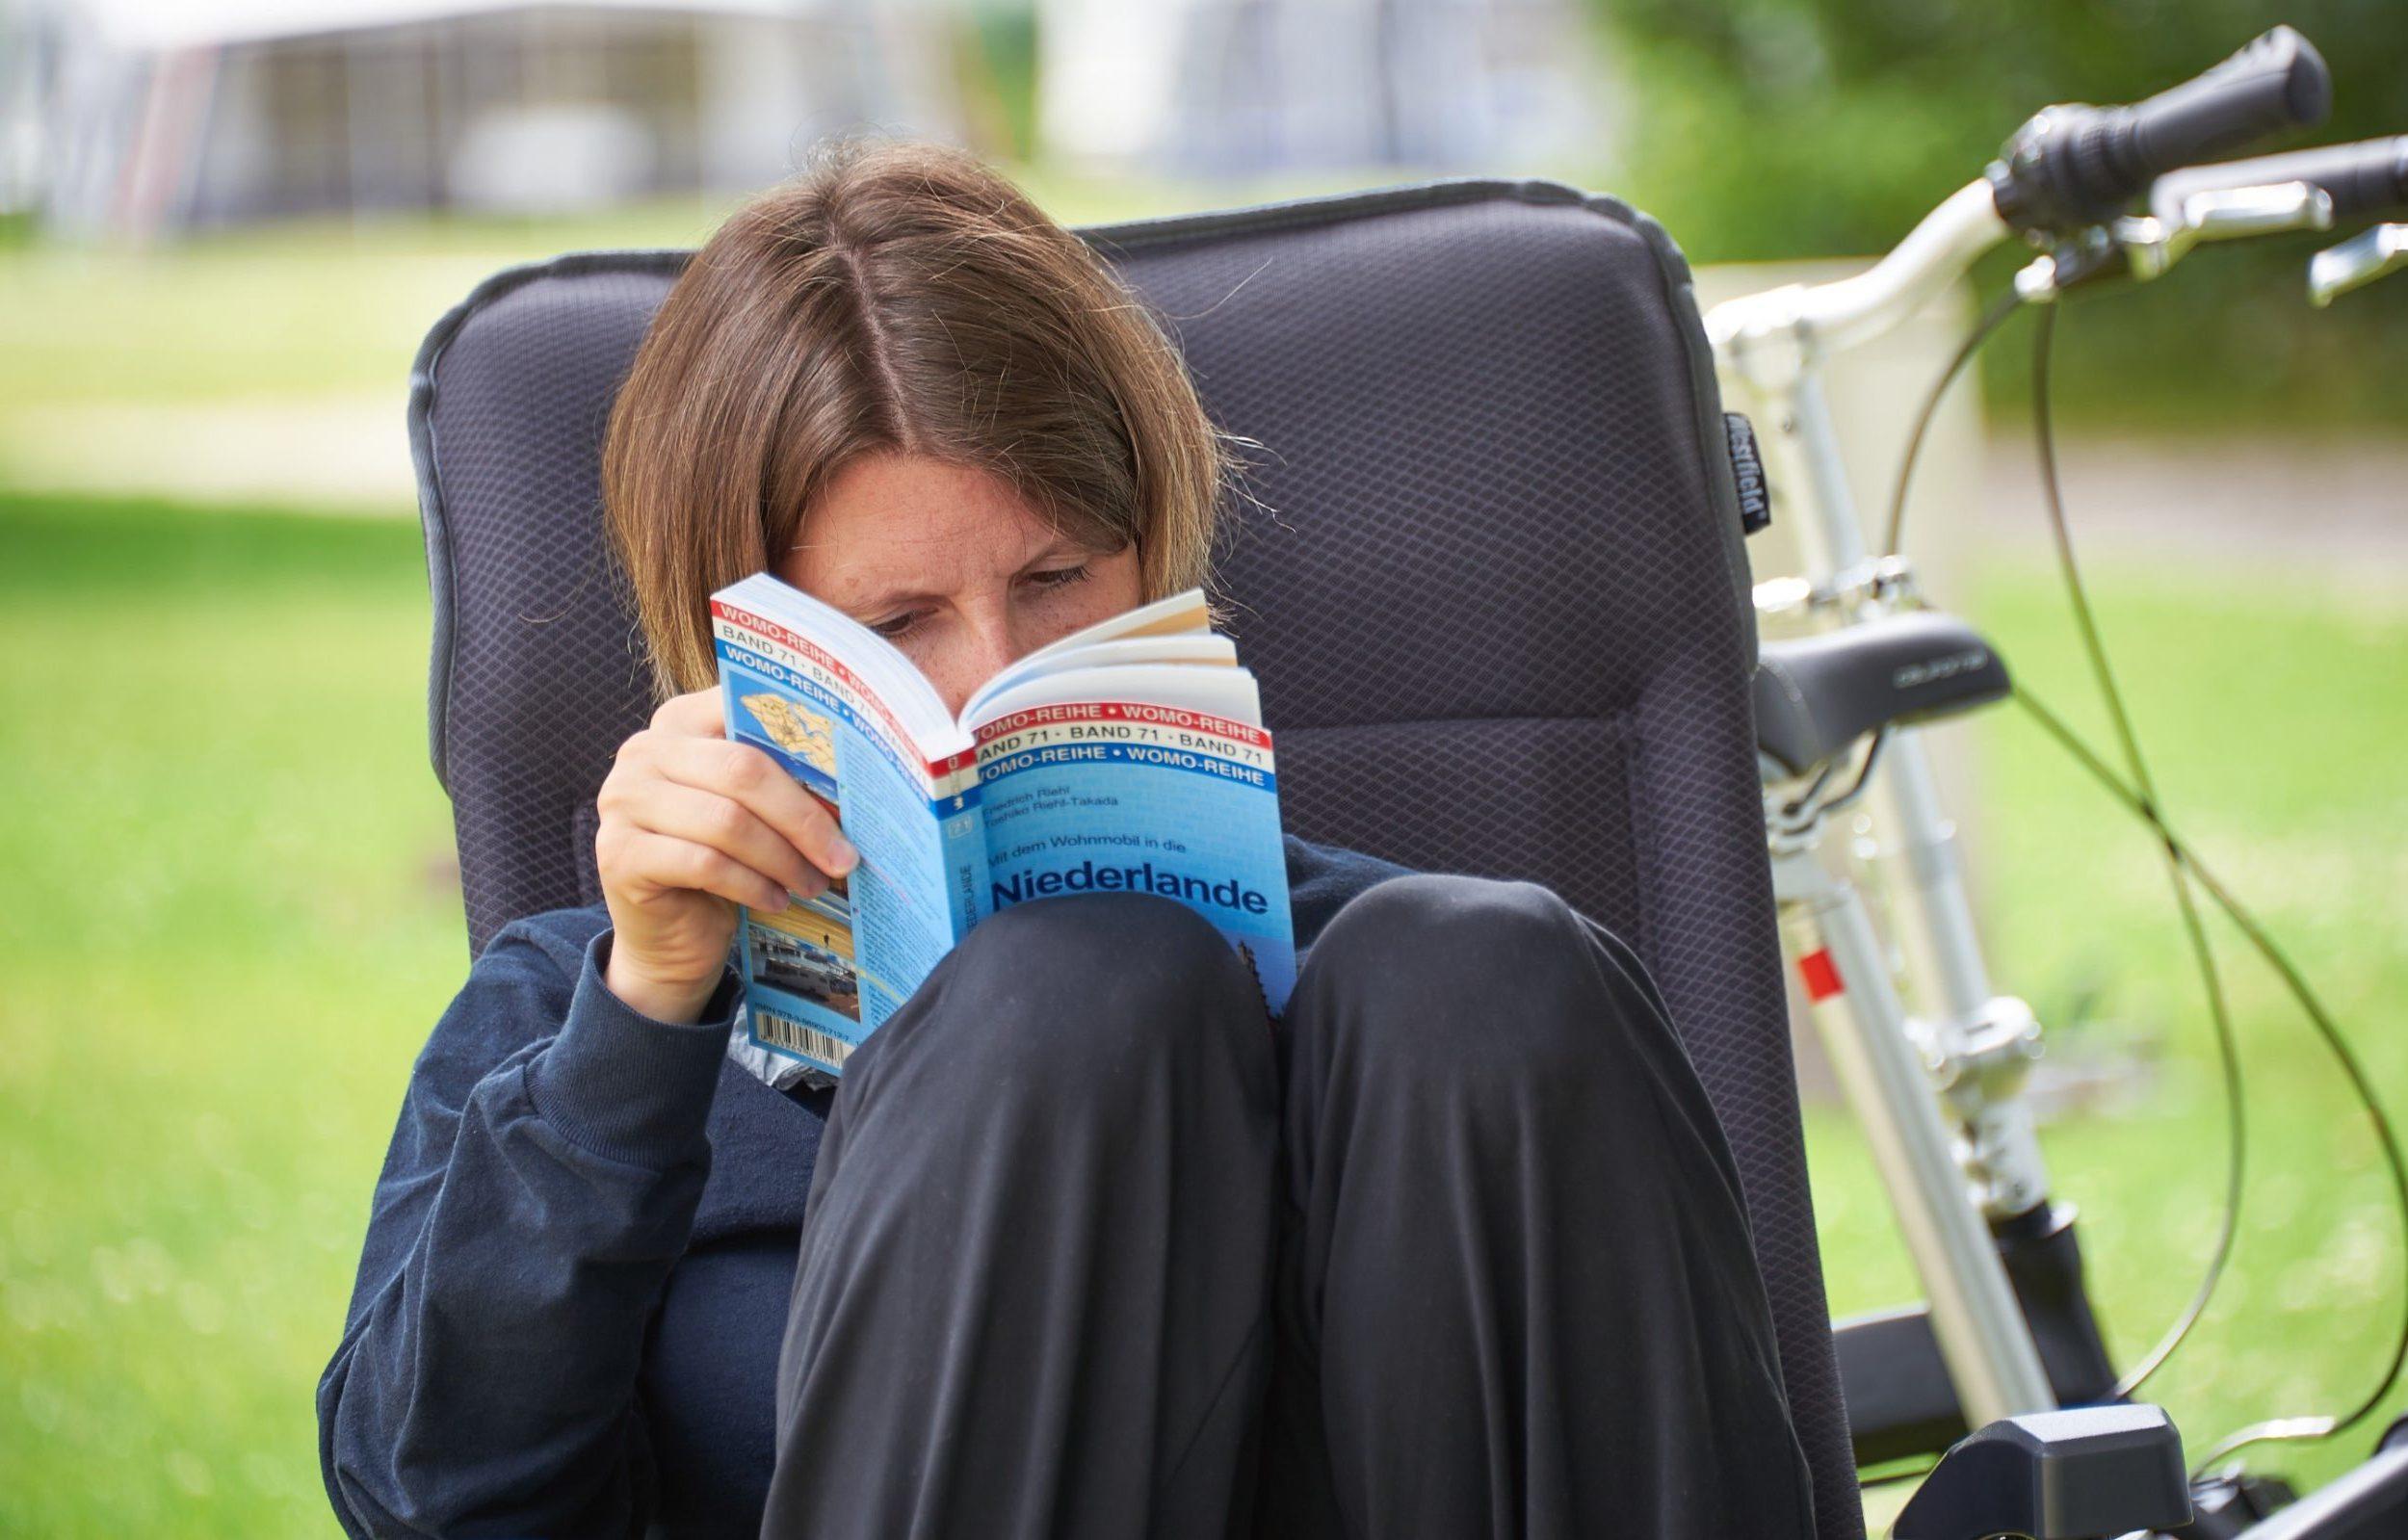 Fabienne liest einen Reiseführer